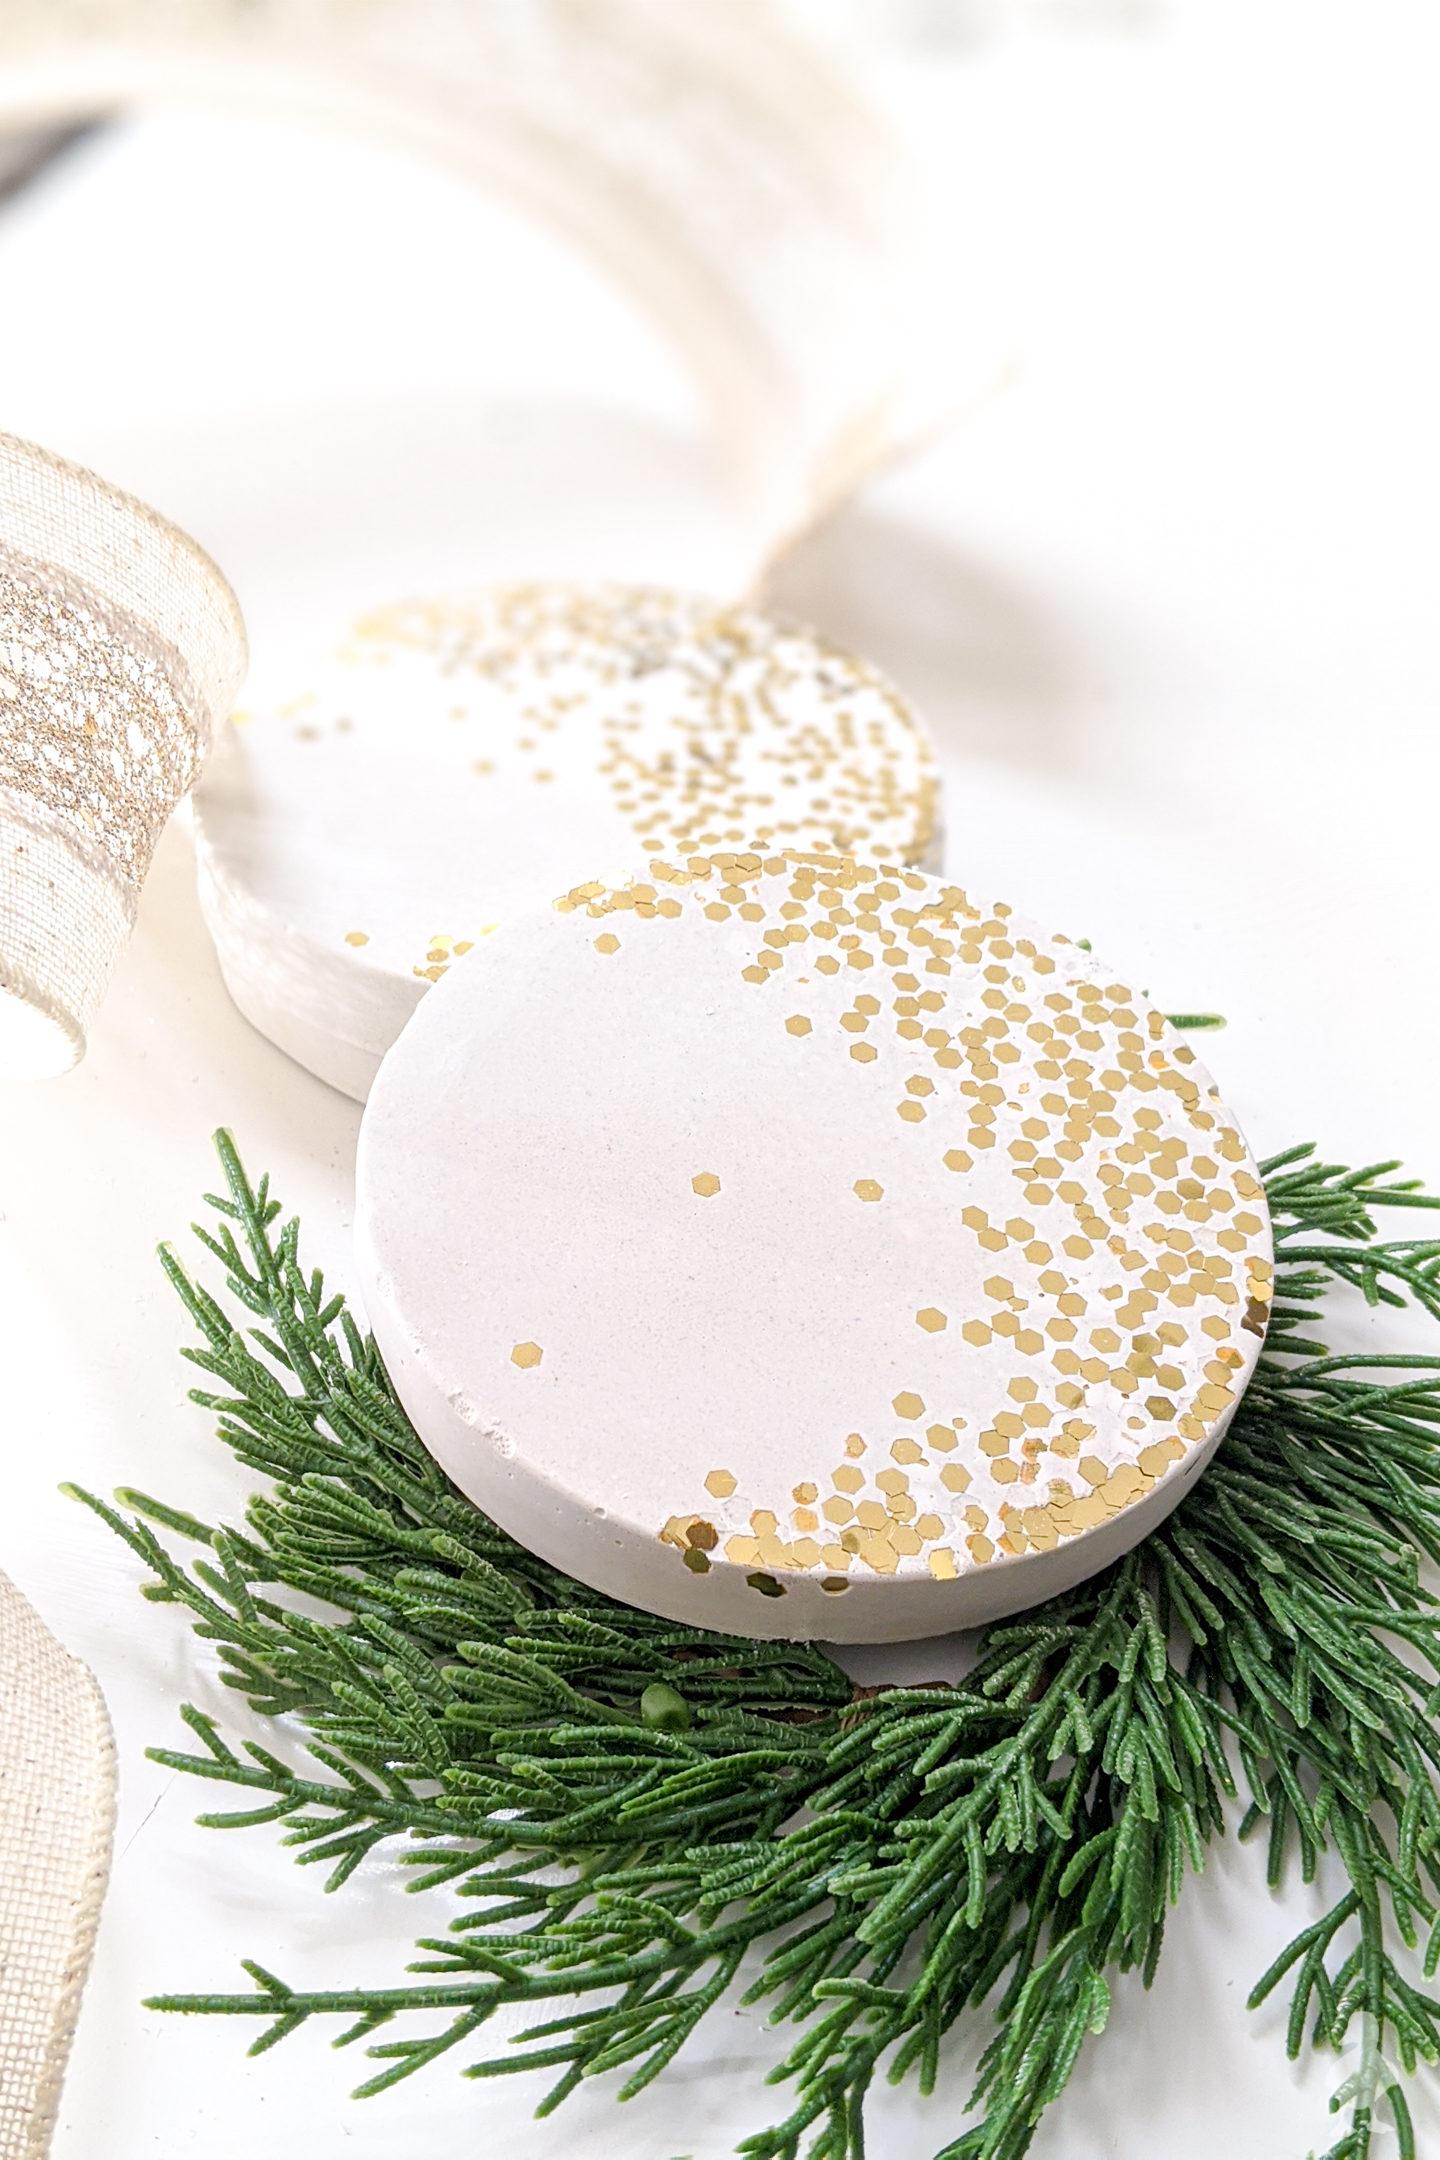 Gold confetti and white concrete coasters